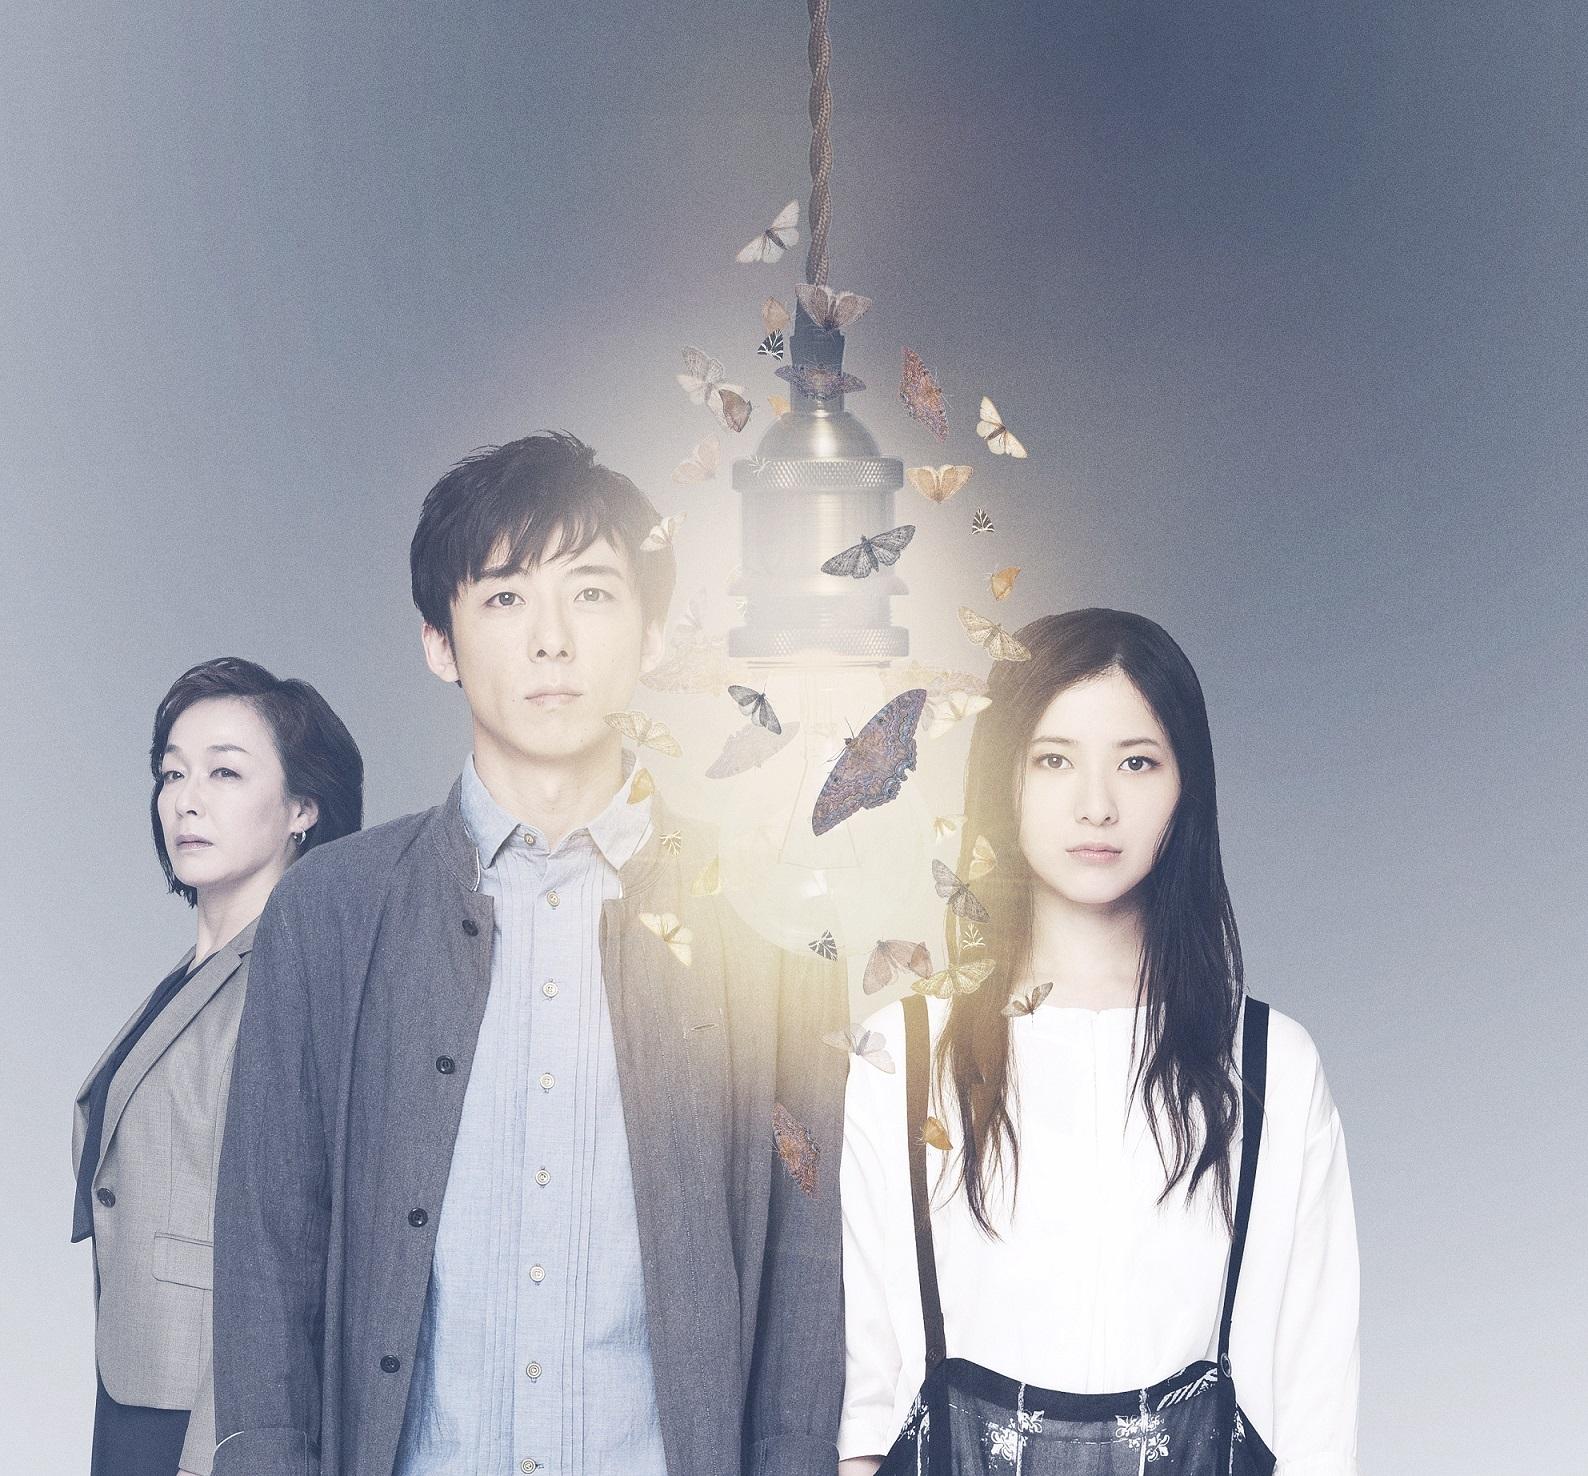 『レディエント・バーミン』のイメージ写真。左から、キムラ緑子、高橋一生、吉高由里子。 撮影/二石友希